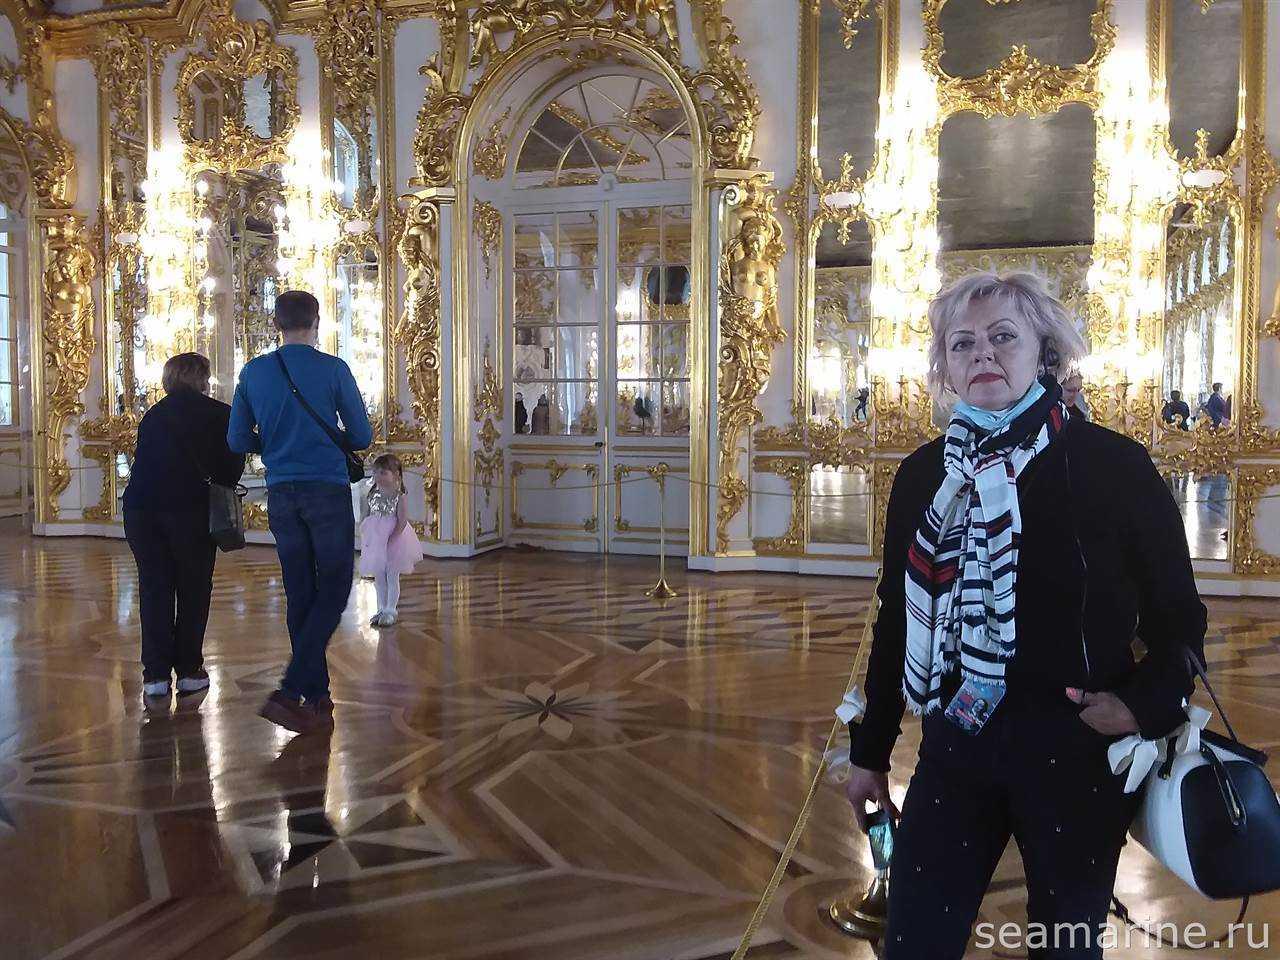 Екатерининский дворец. Большой зал